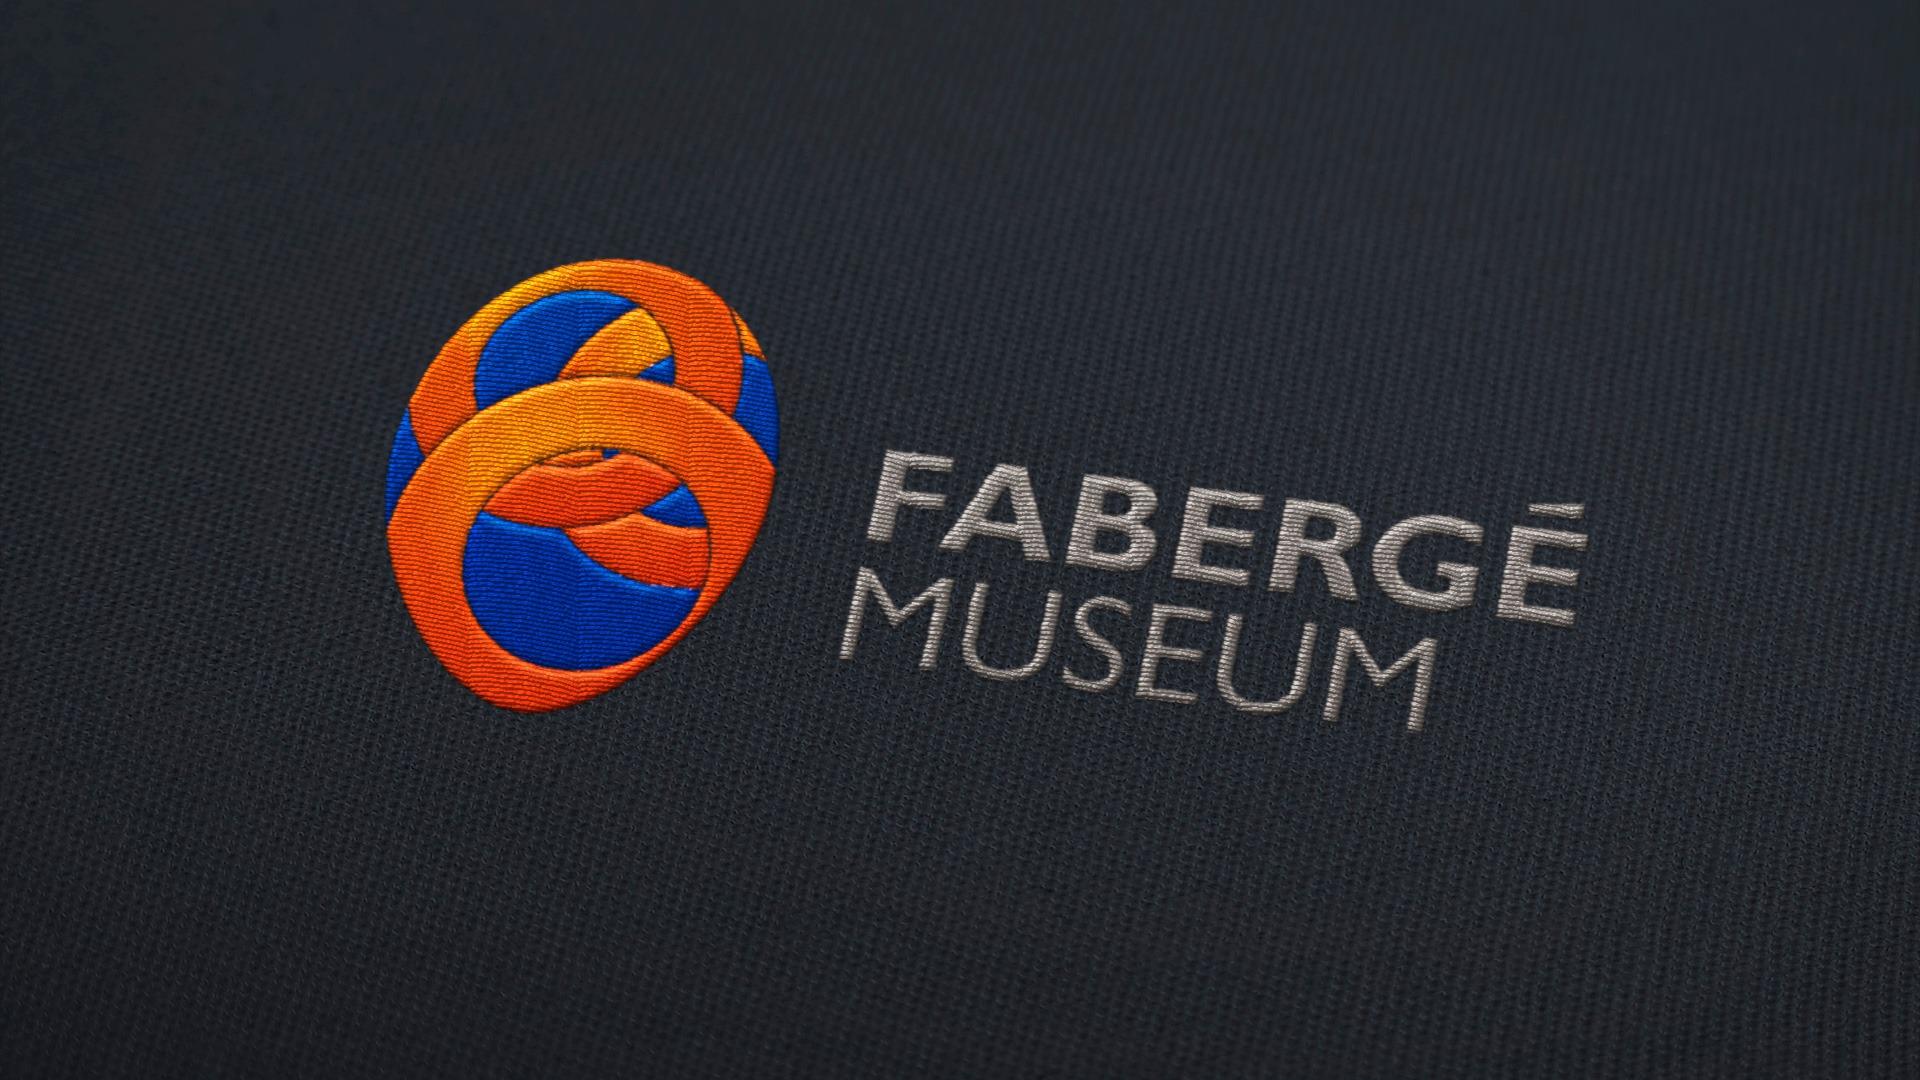 Музей Фаберже, вышивки логотипа, Асгард